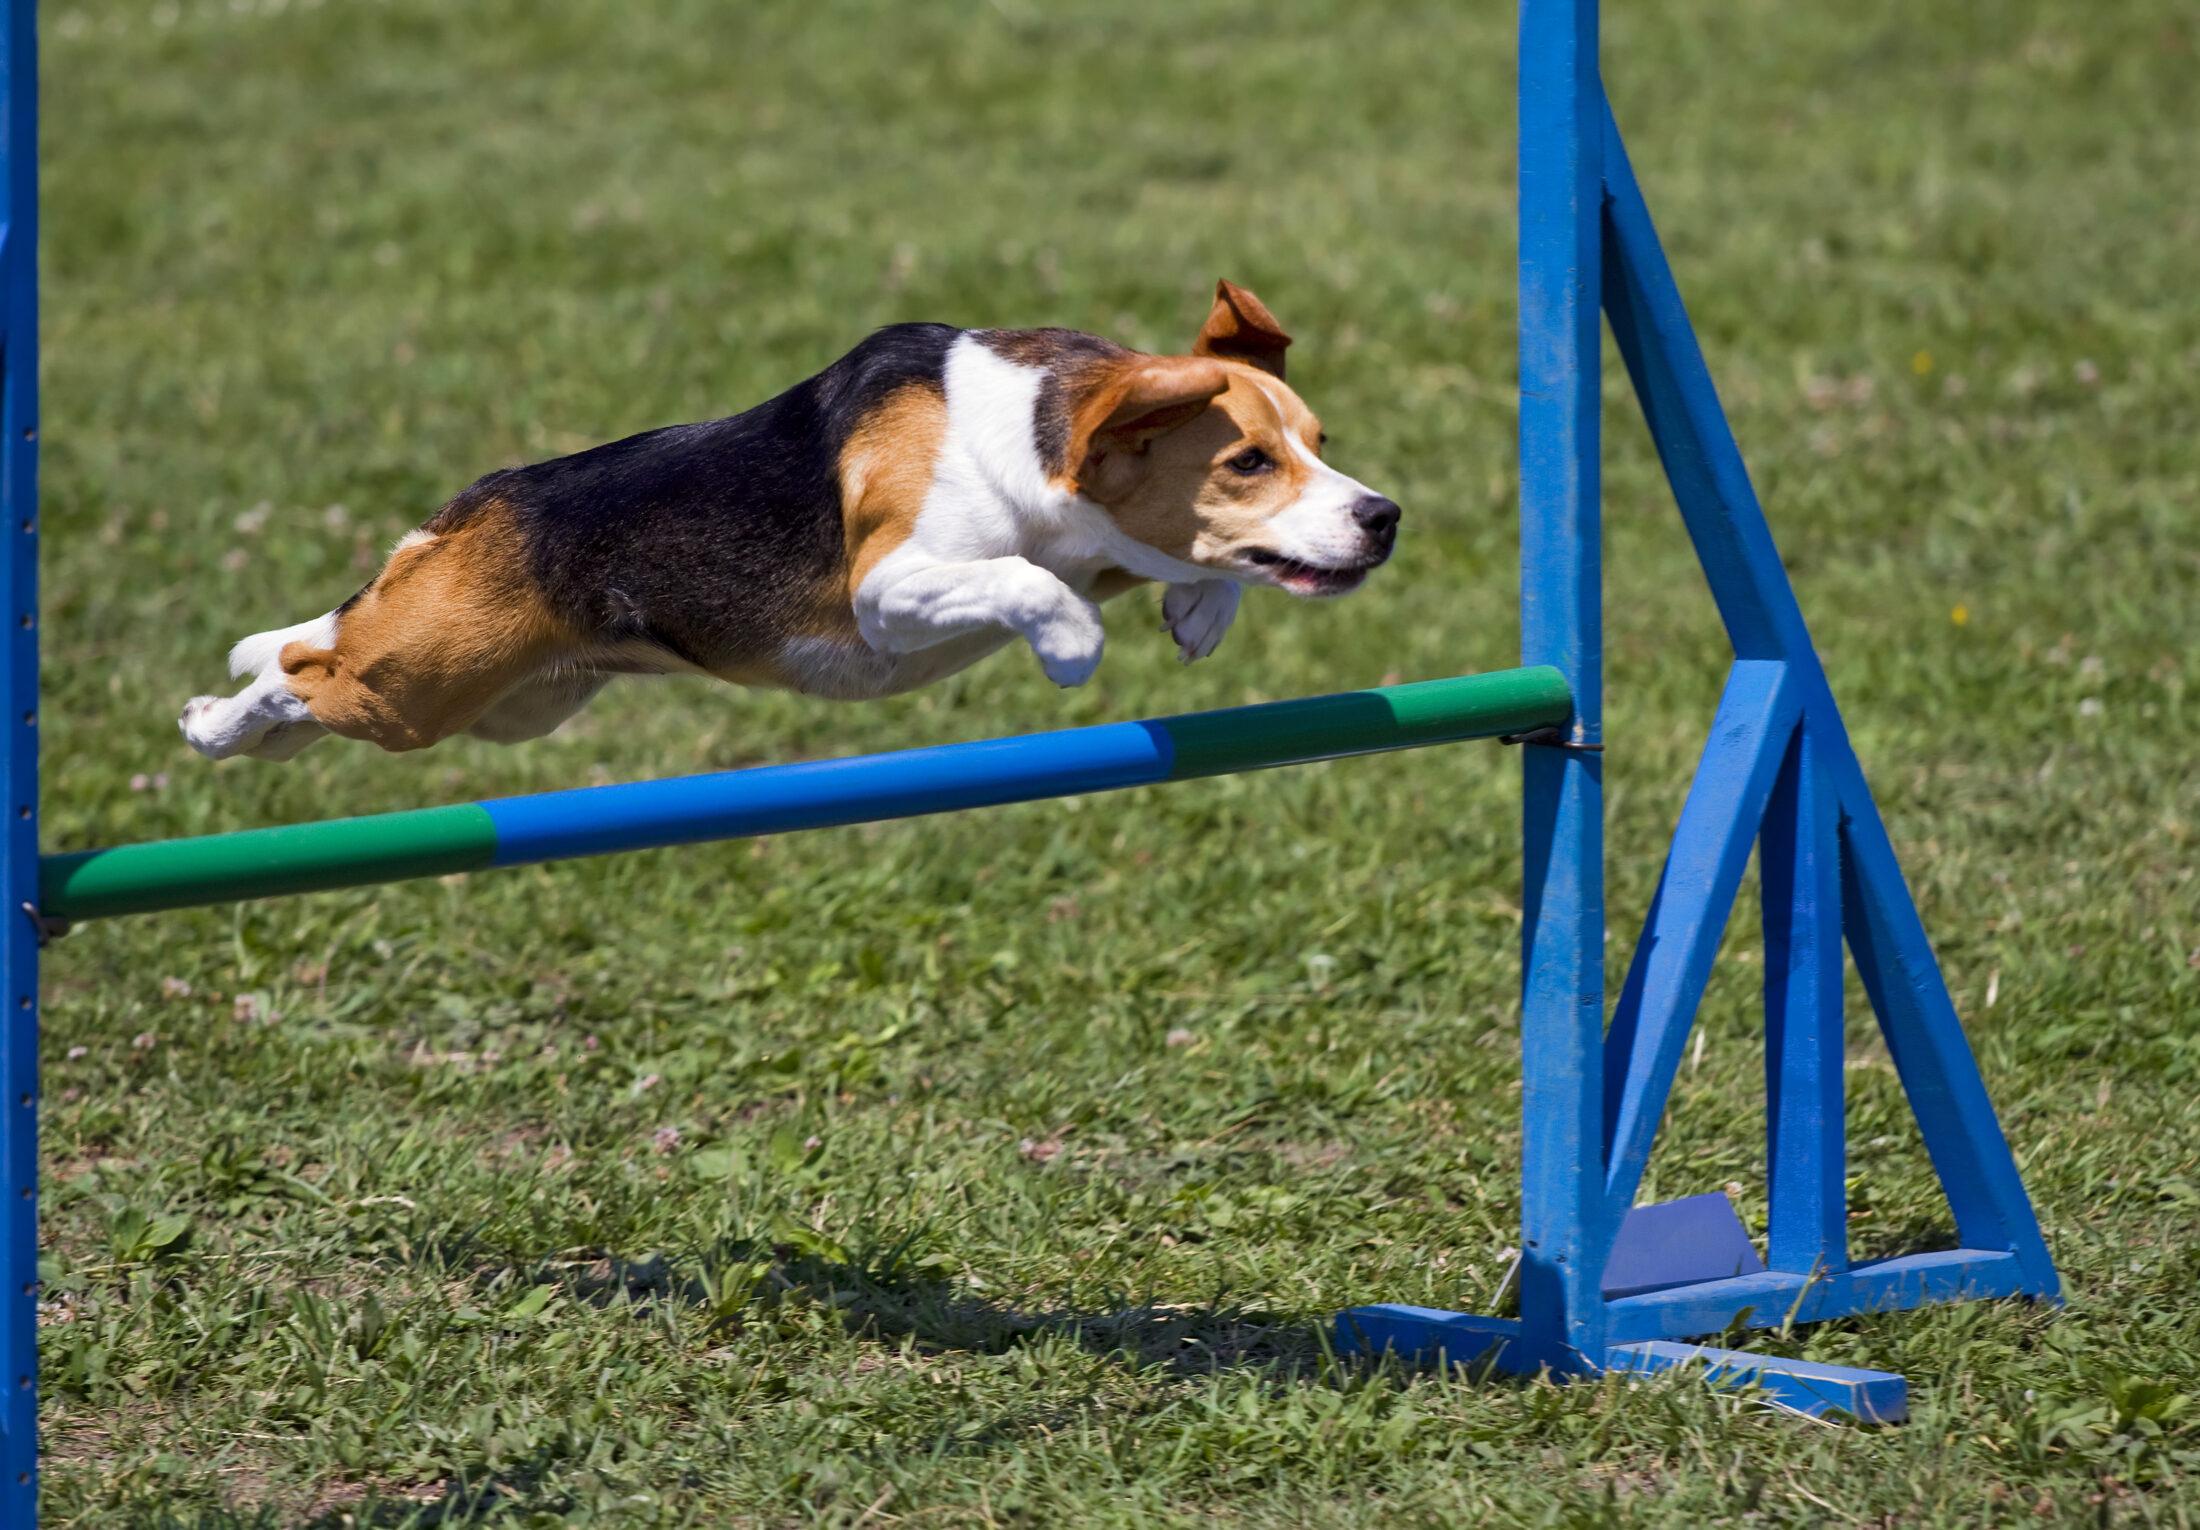 cachorro feliz saltando obstáculos